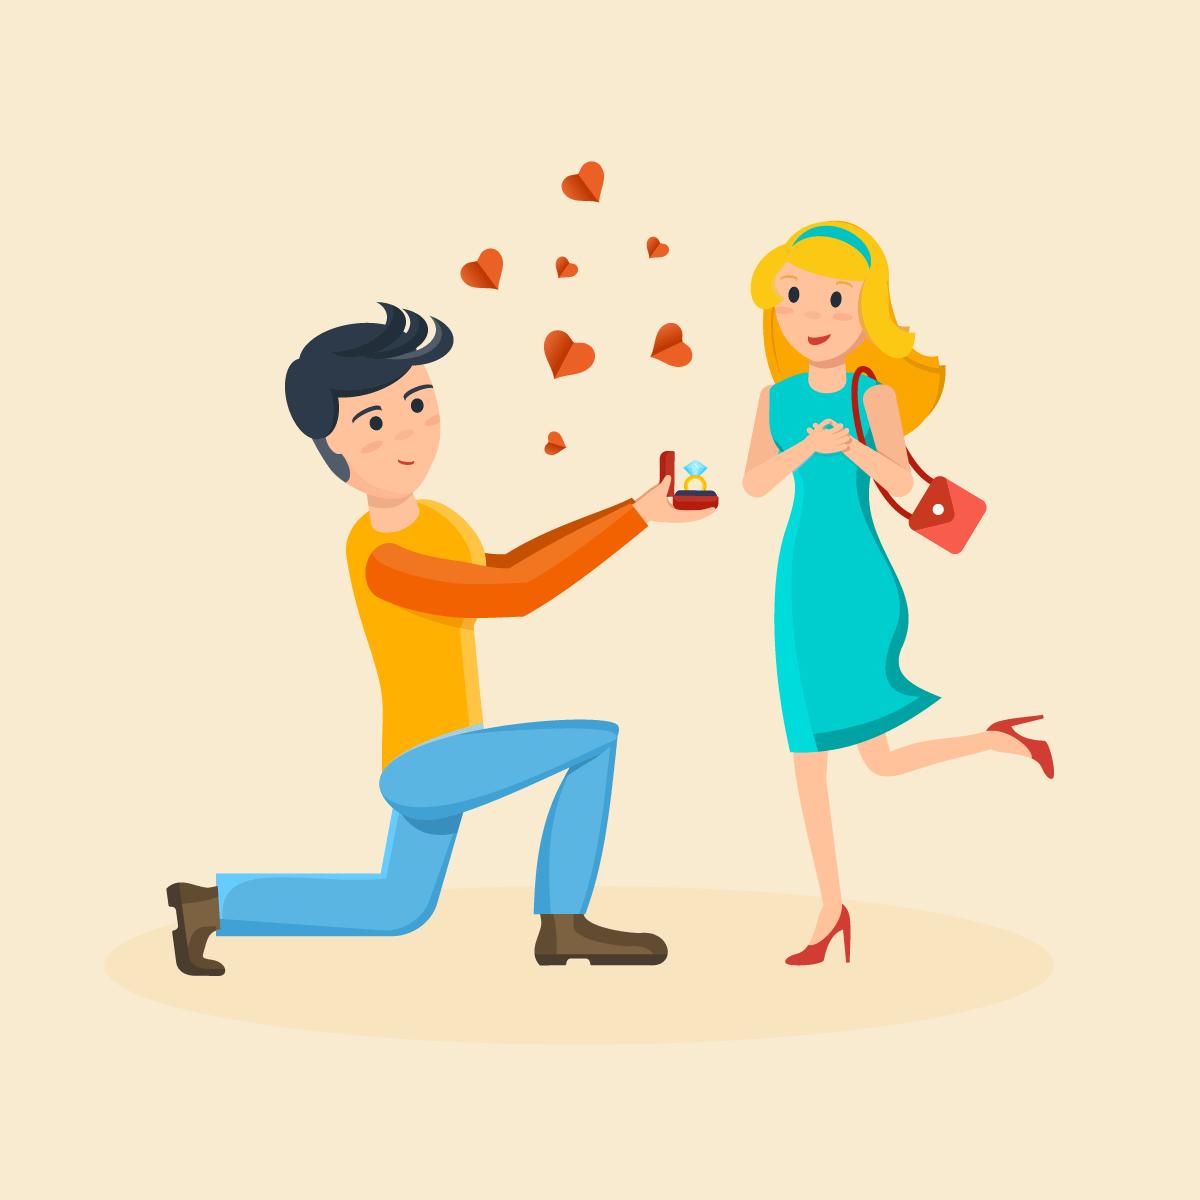 Анекдот про девушку, вышедшую замуж заизвестного журналиста